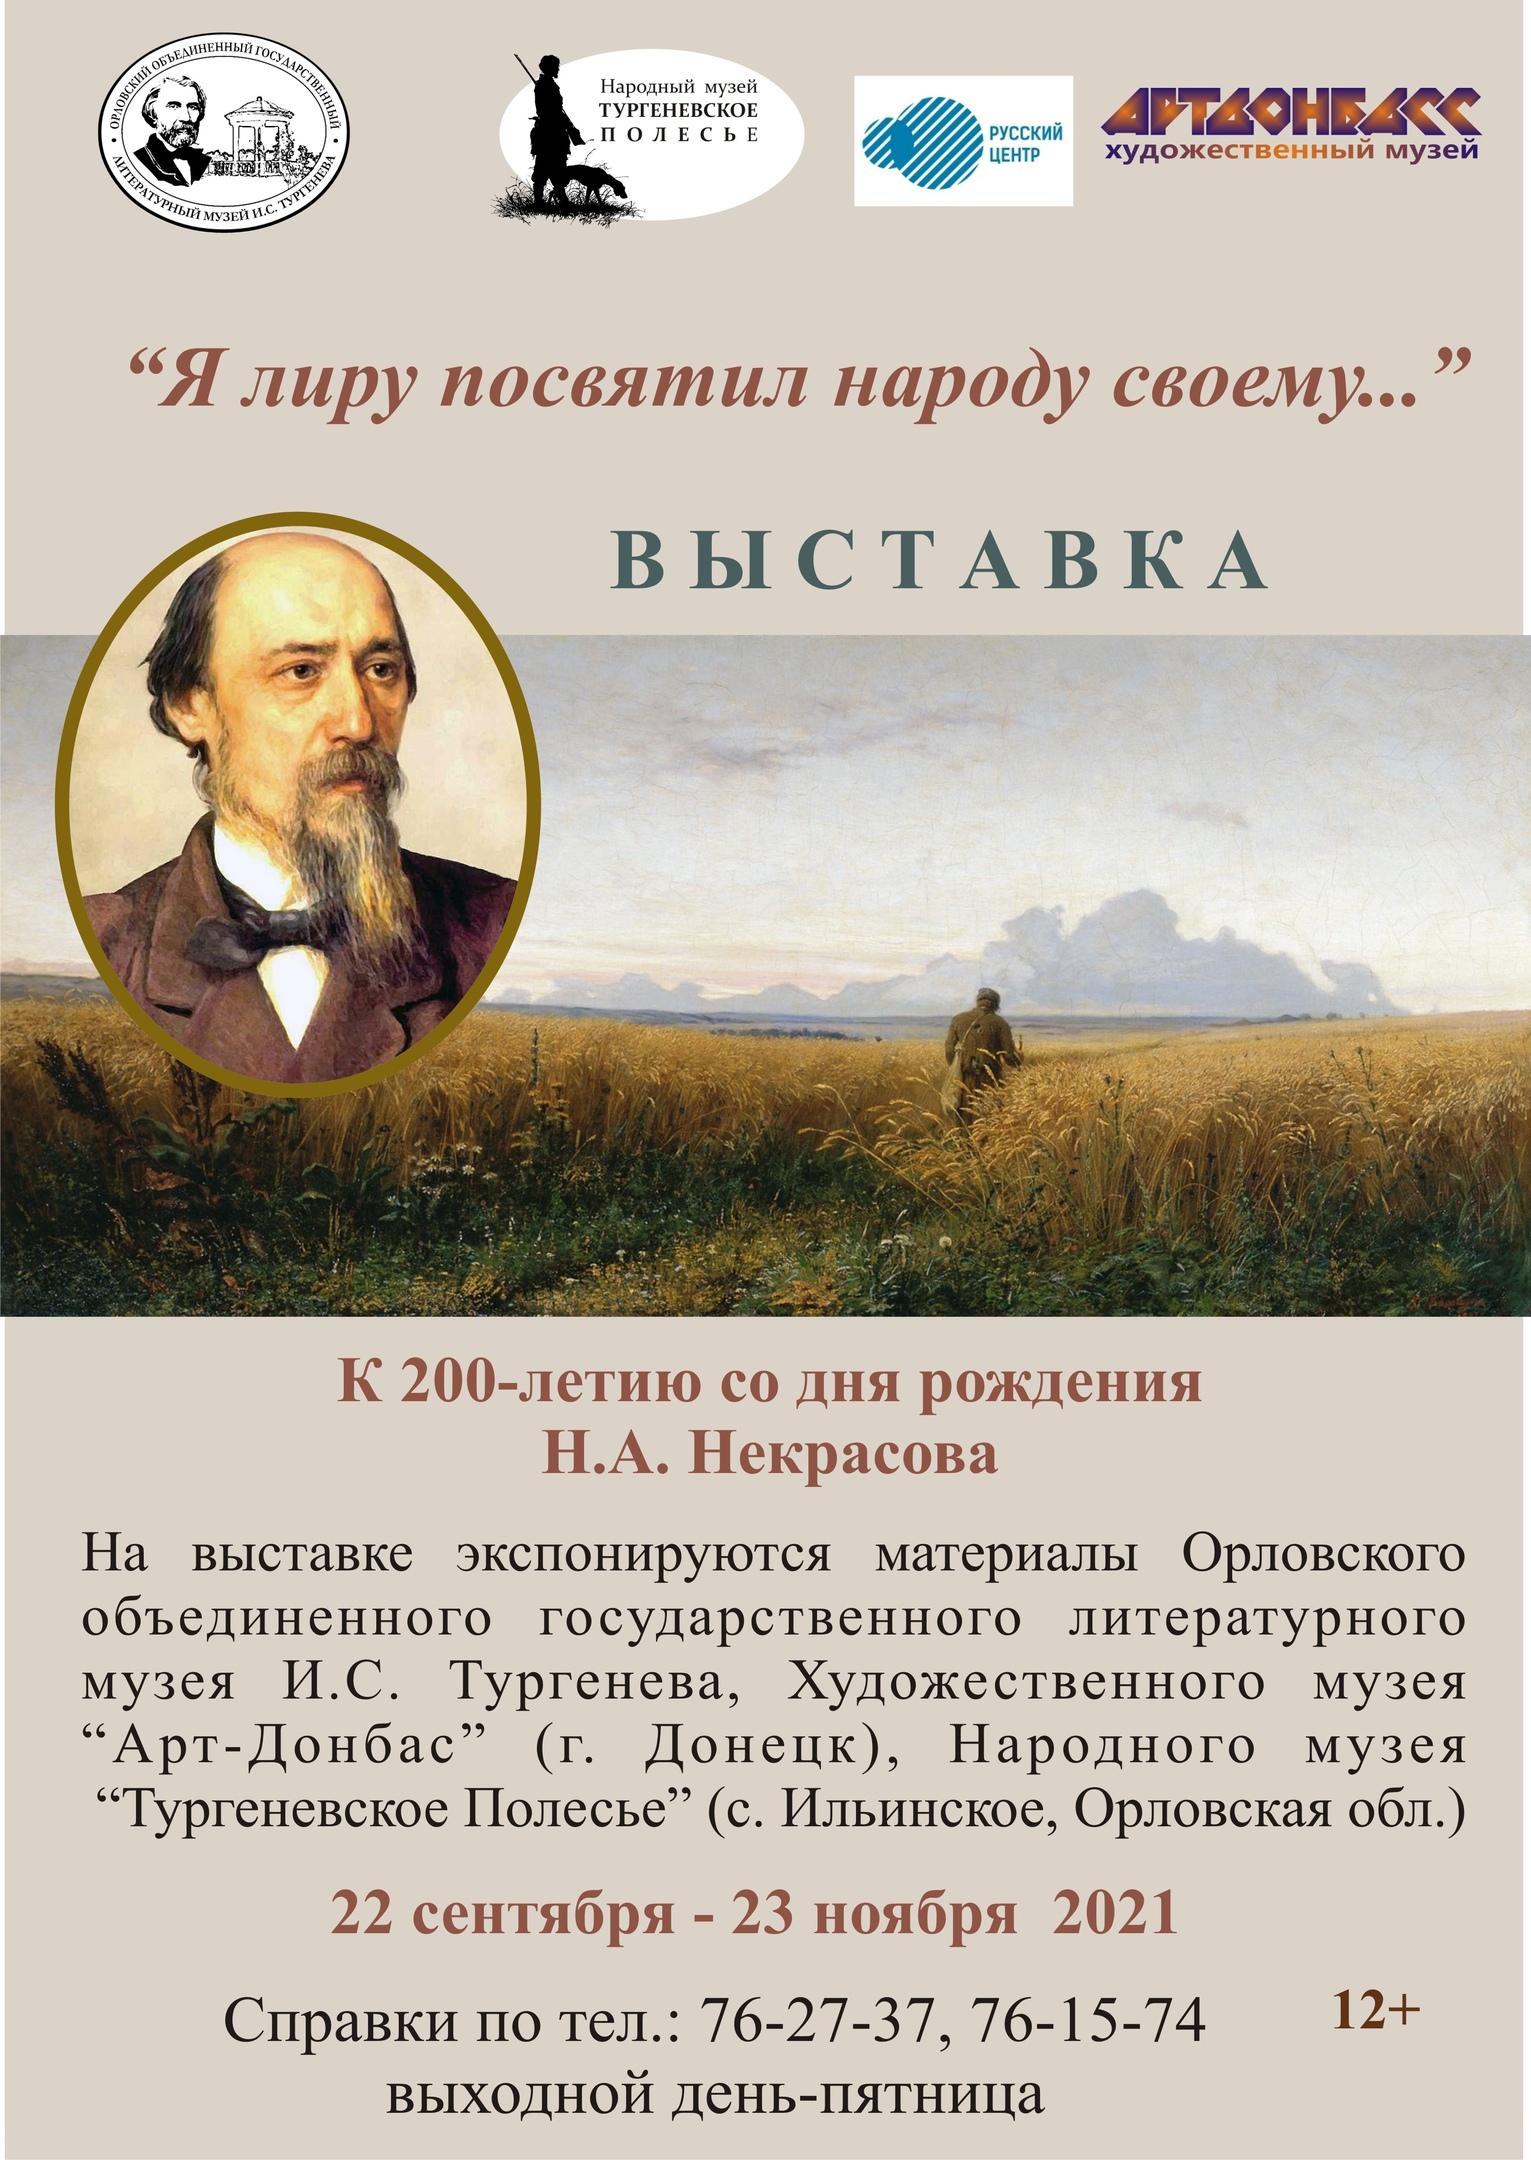 Выставка, посвящённая 200-летию со дня рождения Н.А. Некрасова